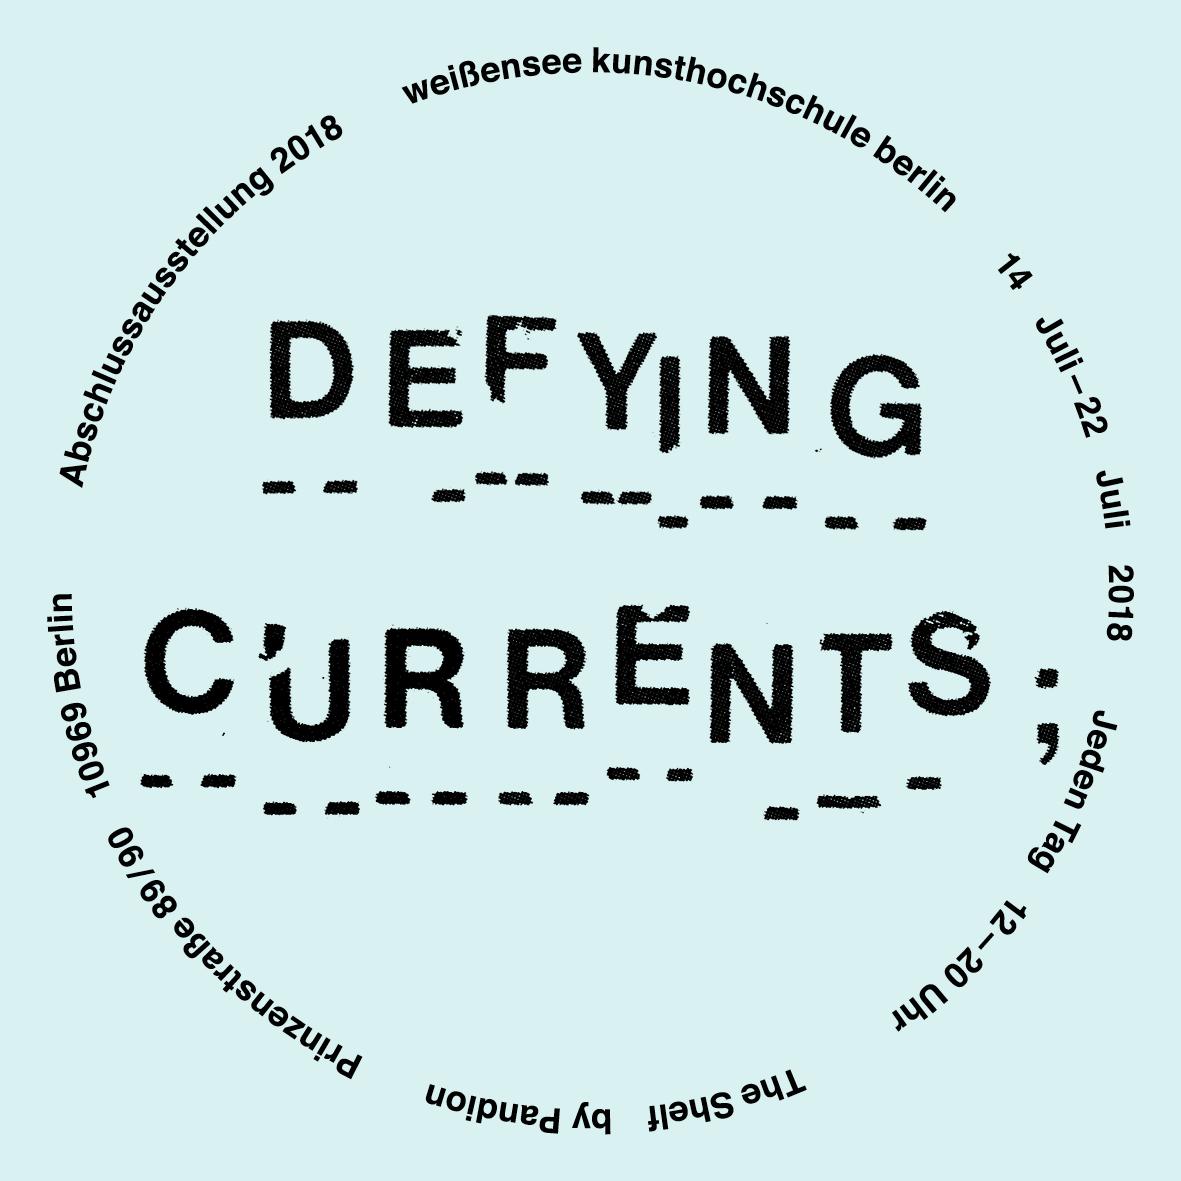 20180618_defyingcurrents_sticker_10cm-korrektur2.jpg